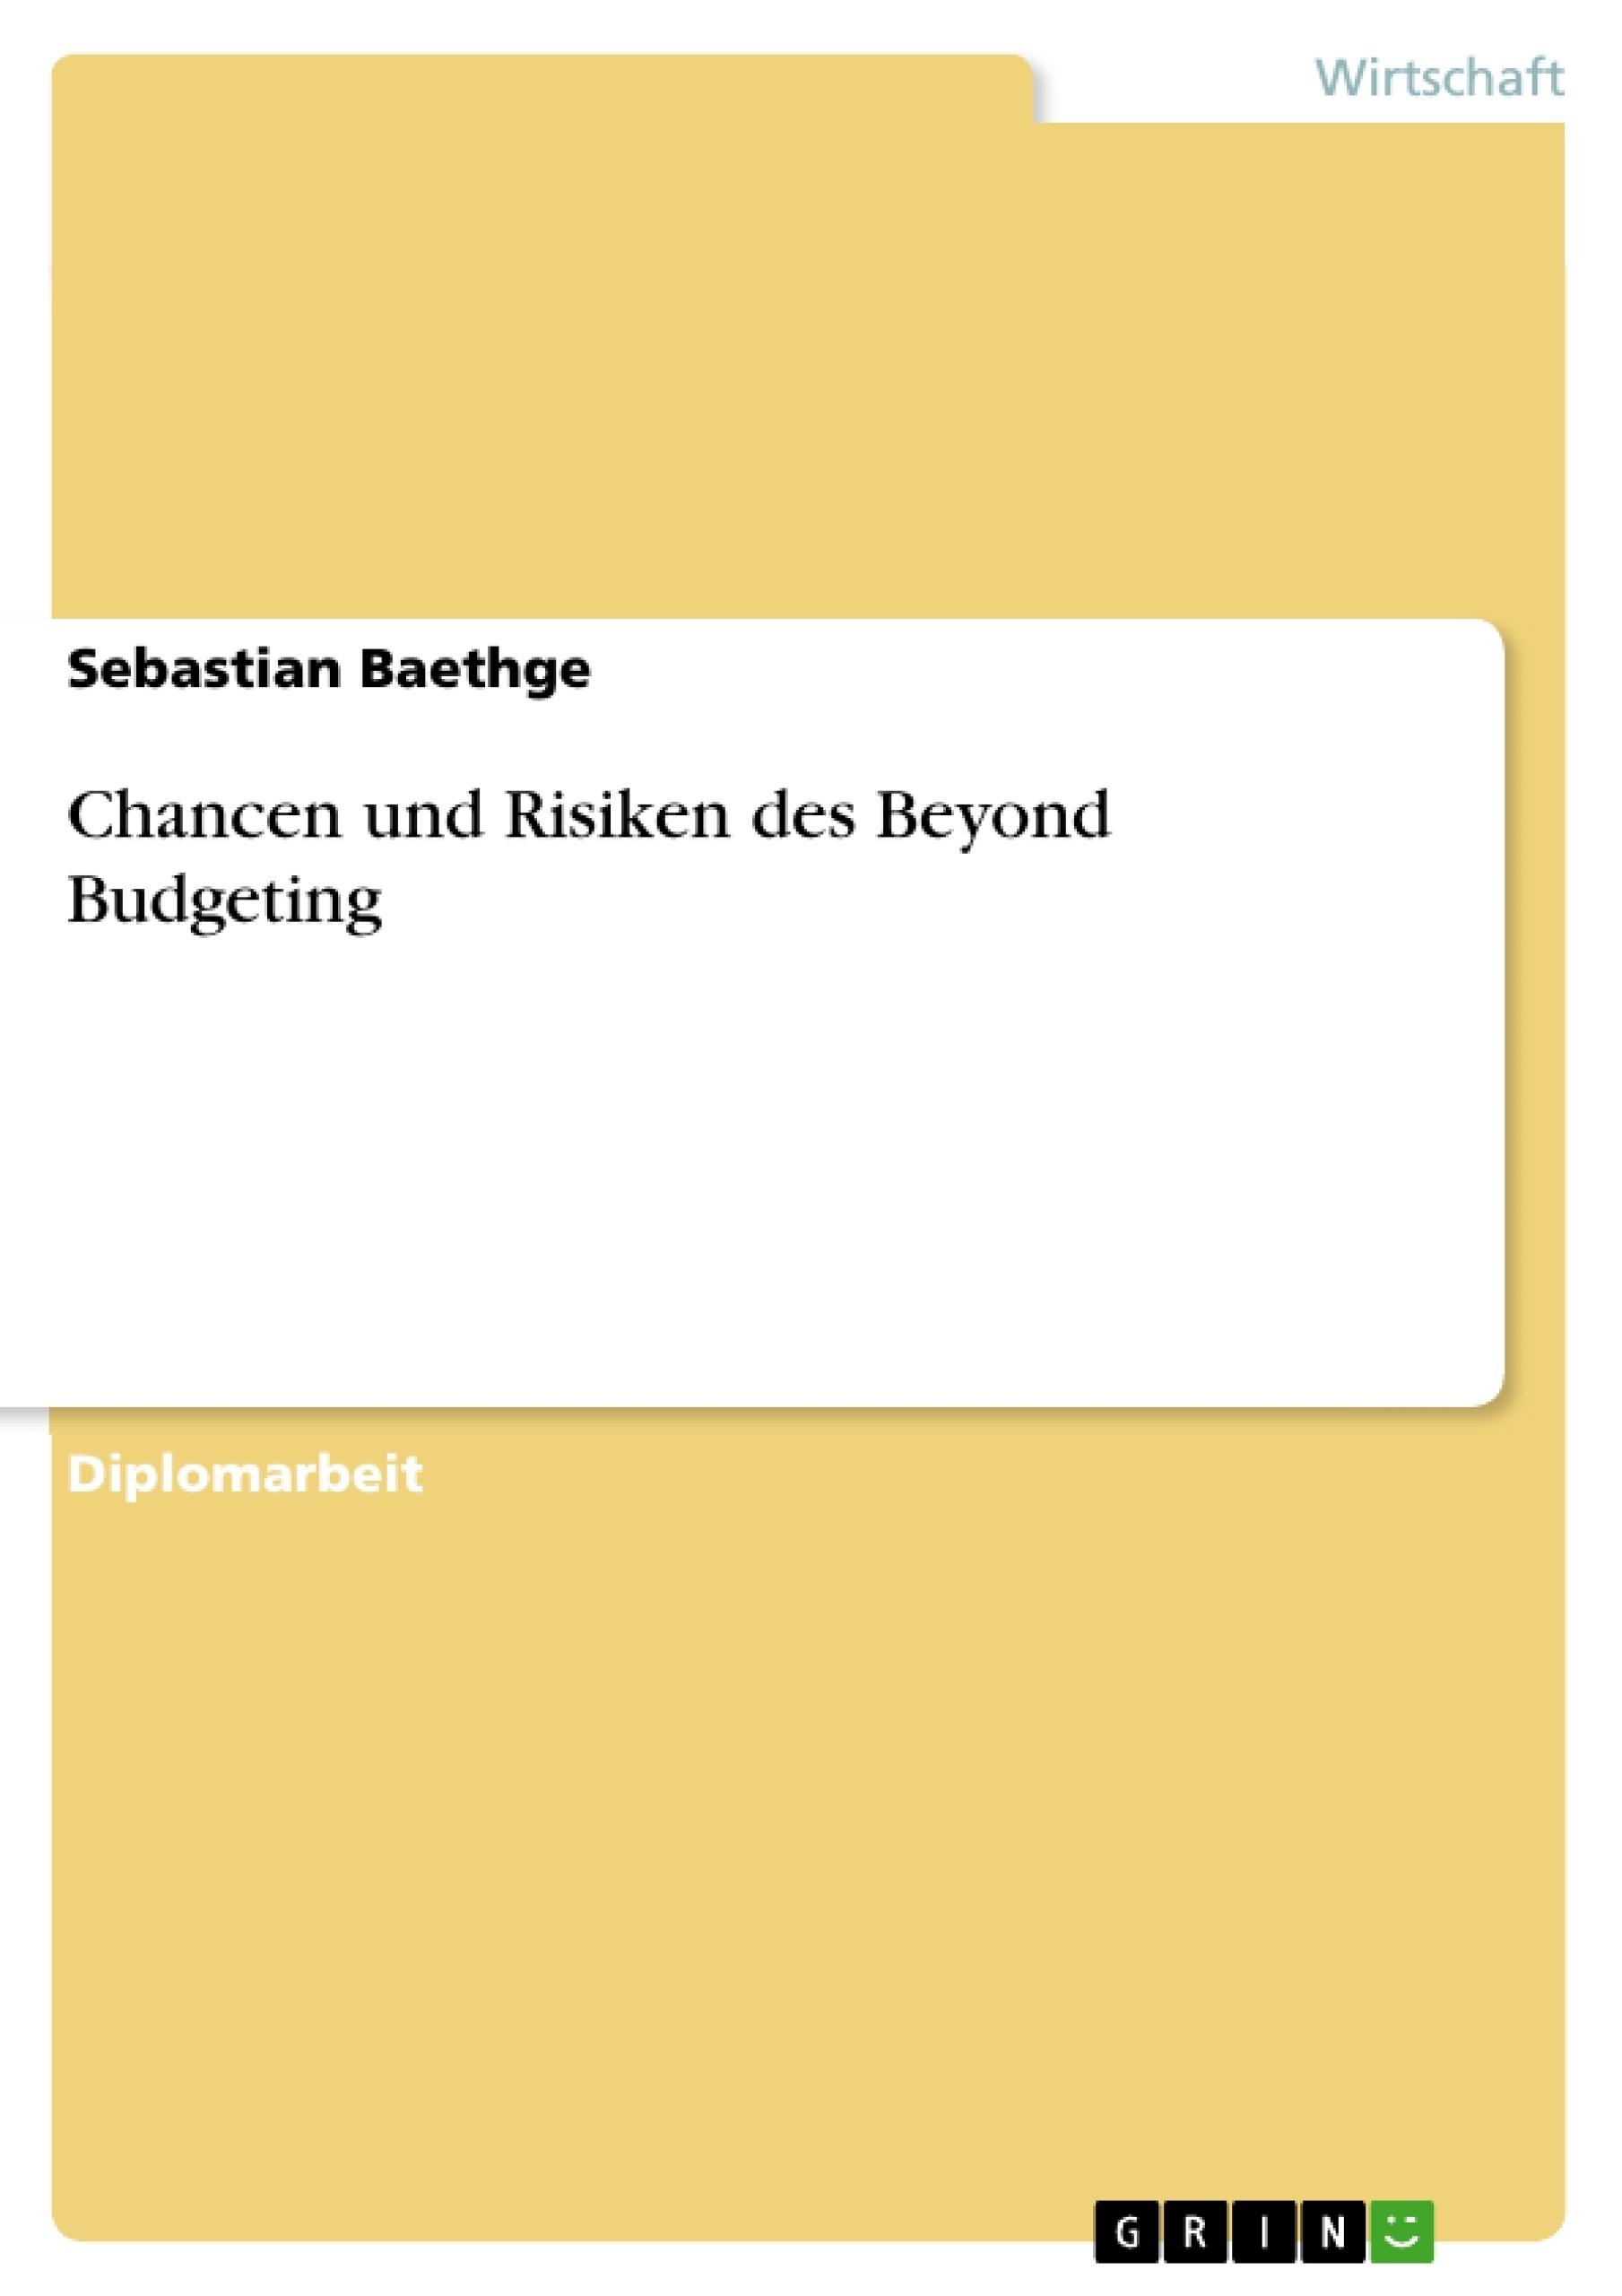 Titel: Chancen und Risiken des Beyond Budgeting